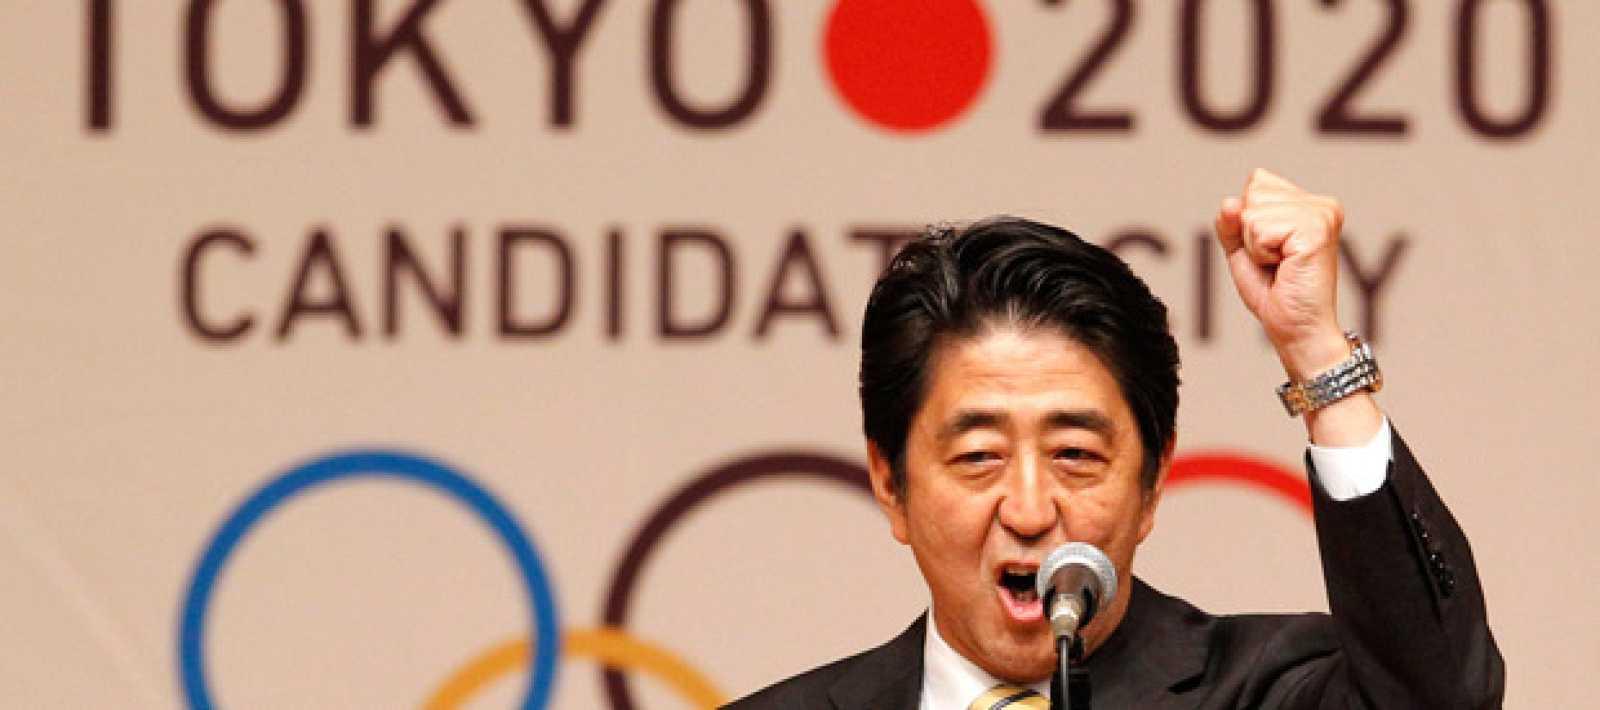 El primer ministro japonés, Shinzo Abe, promociona la candidatura de Tokyo 2020.